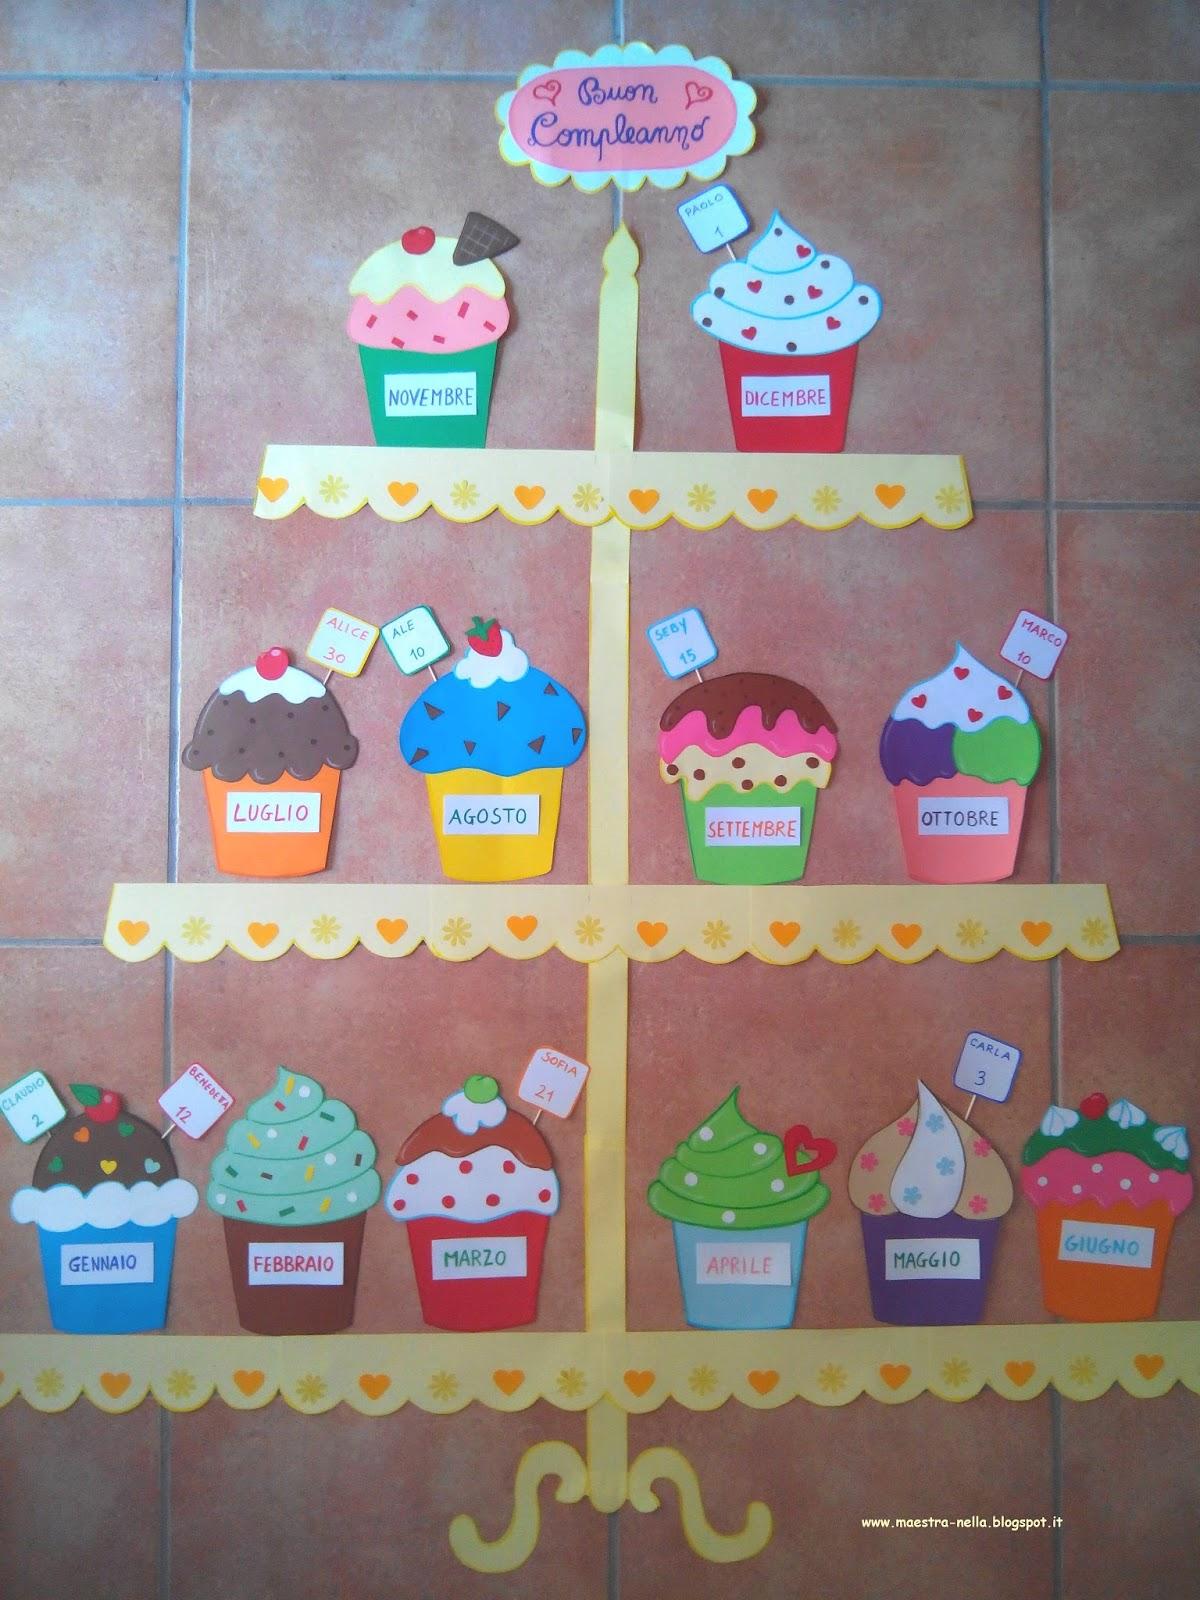 Maestra nella cartellone dei compleanni for Idee per cartelloni scuola infanzia